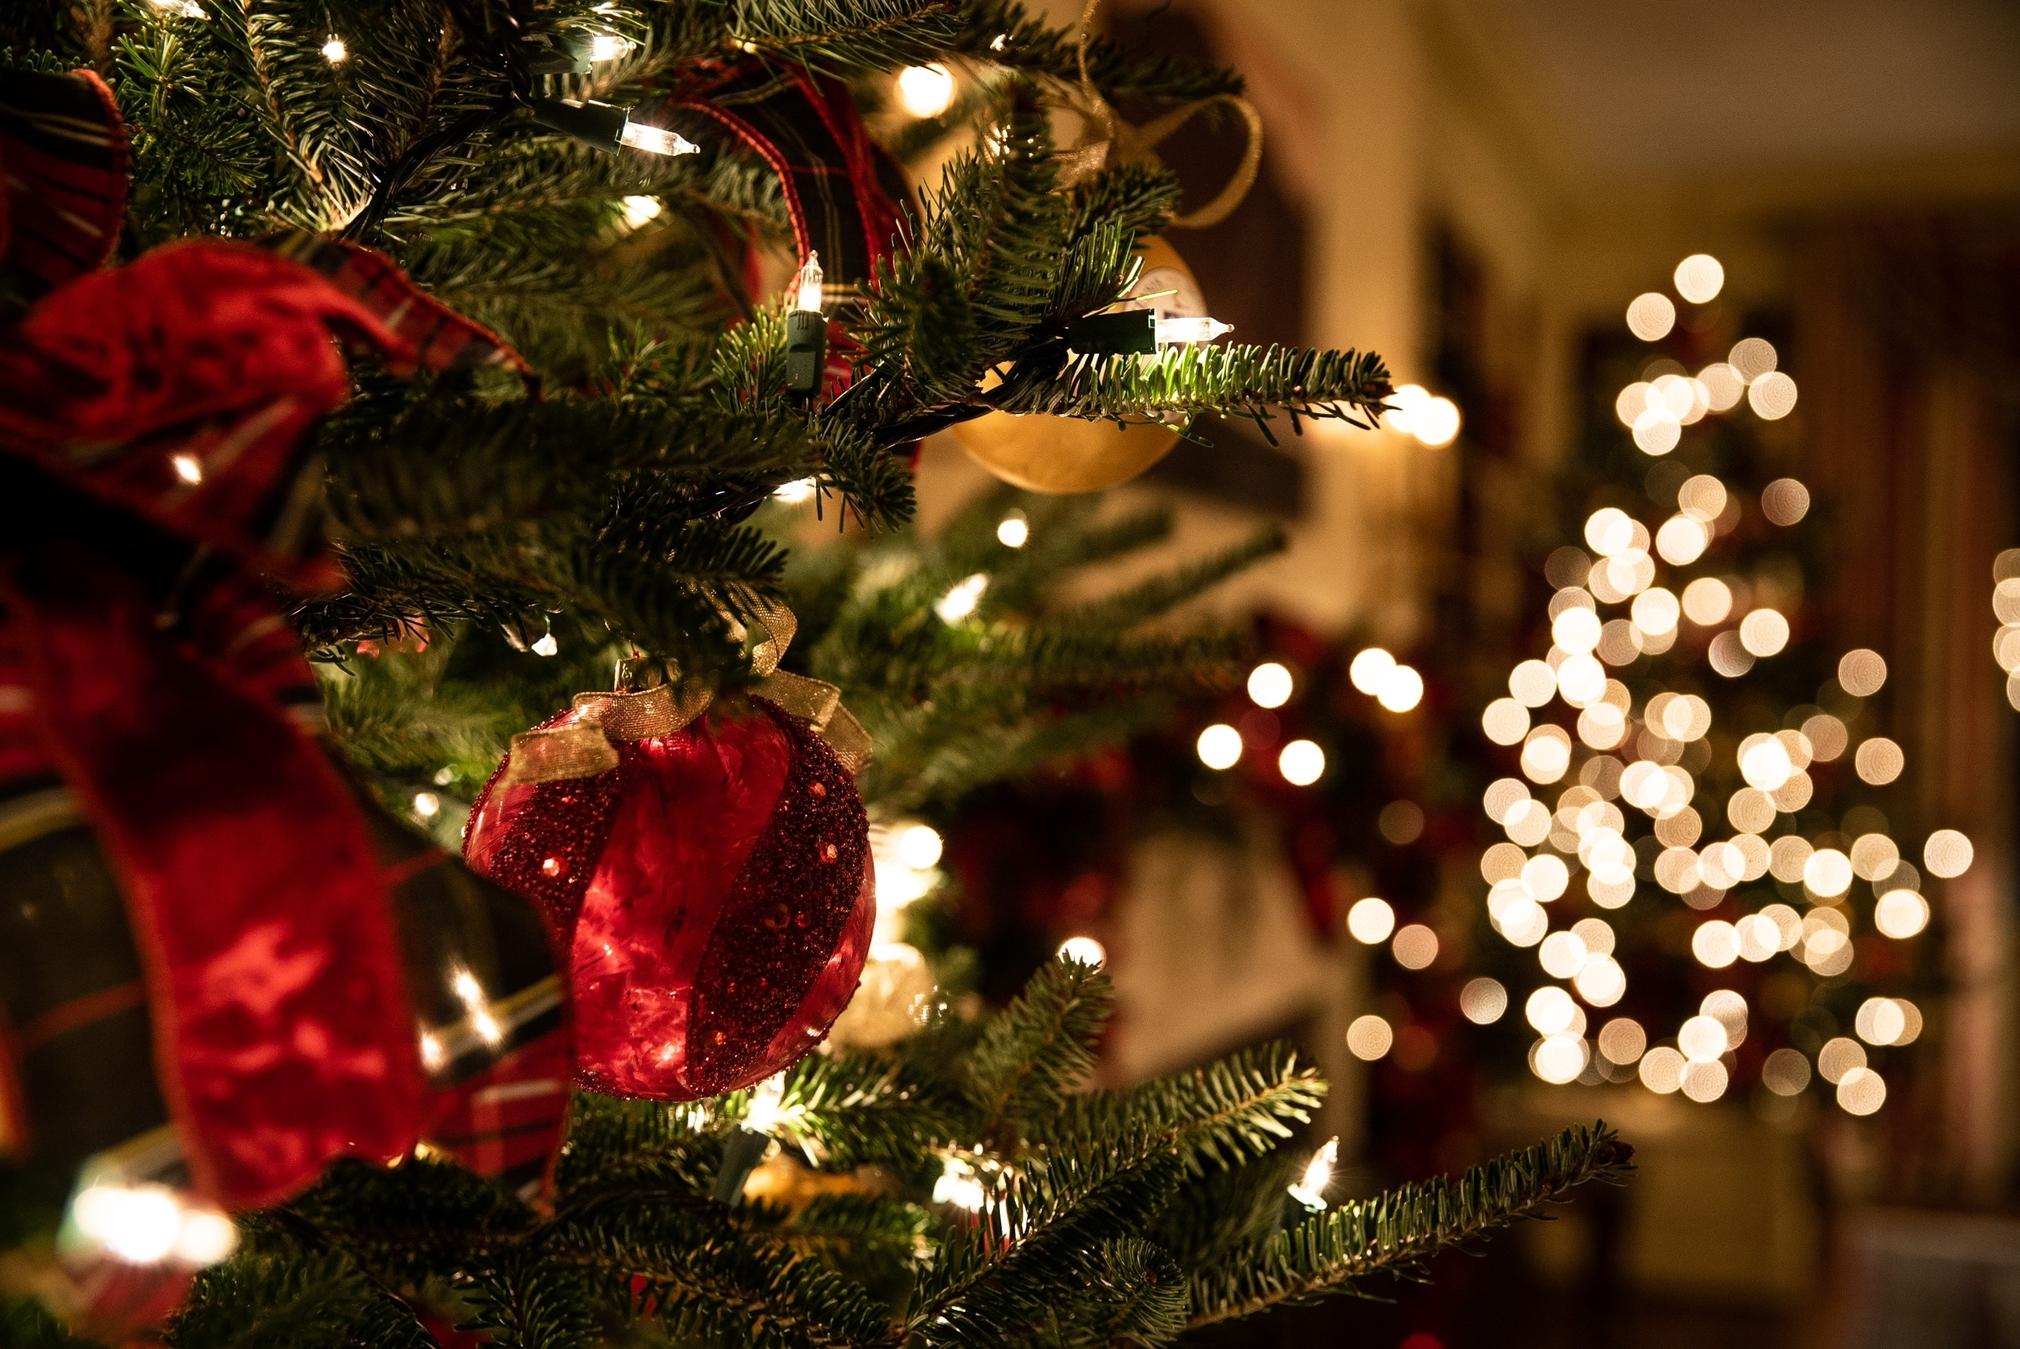 Make Your Christmas Green